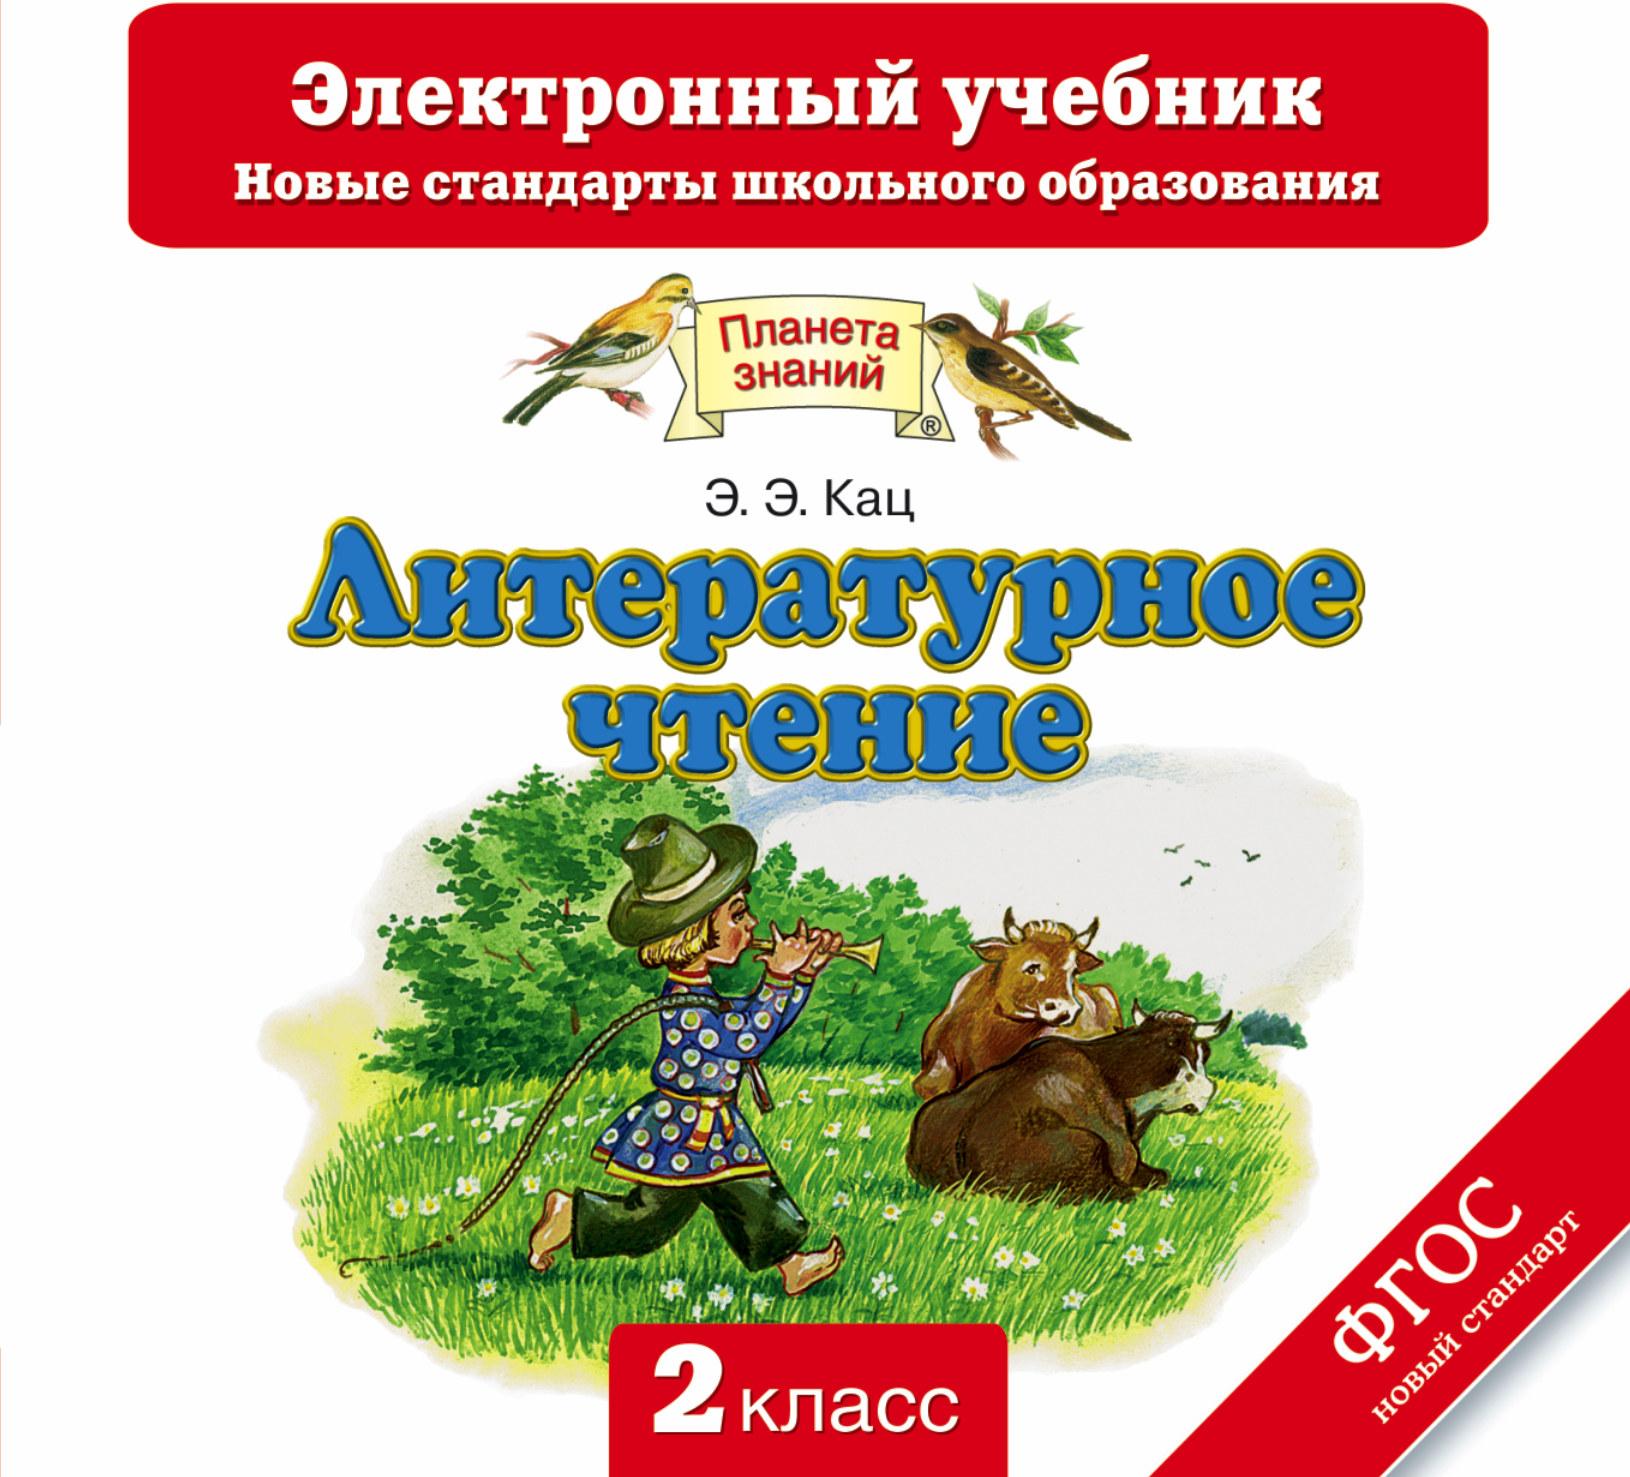 Кац Э.Э. Литературное чтение. 2 класс. Электронный учебник (CD) таганрогская картинная галерея